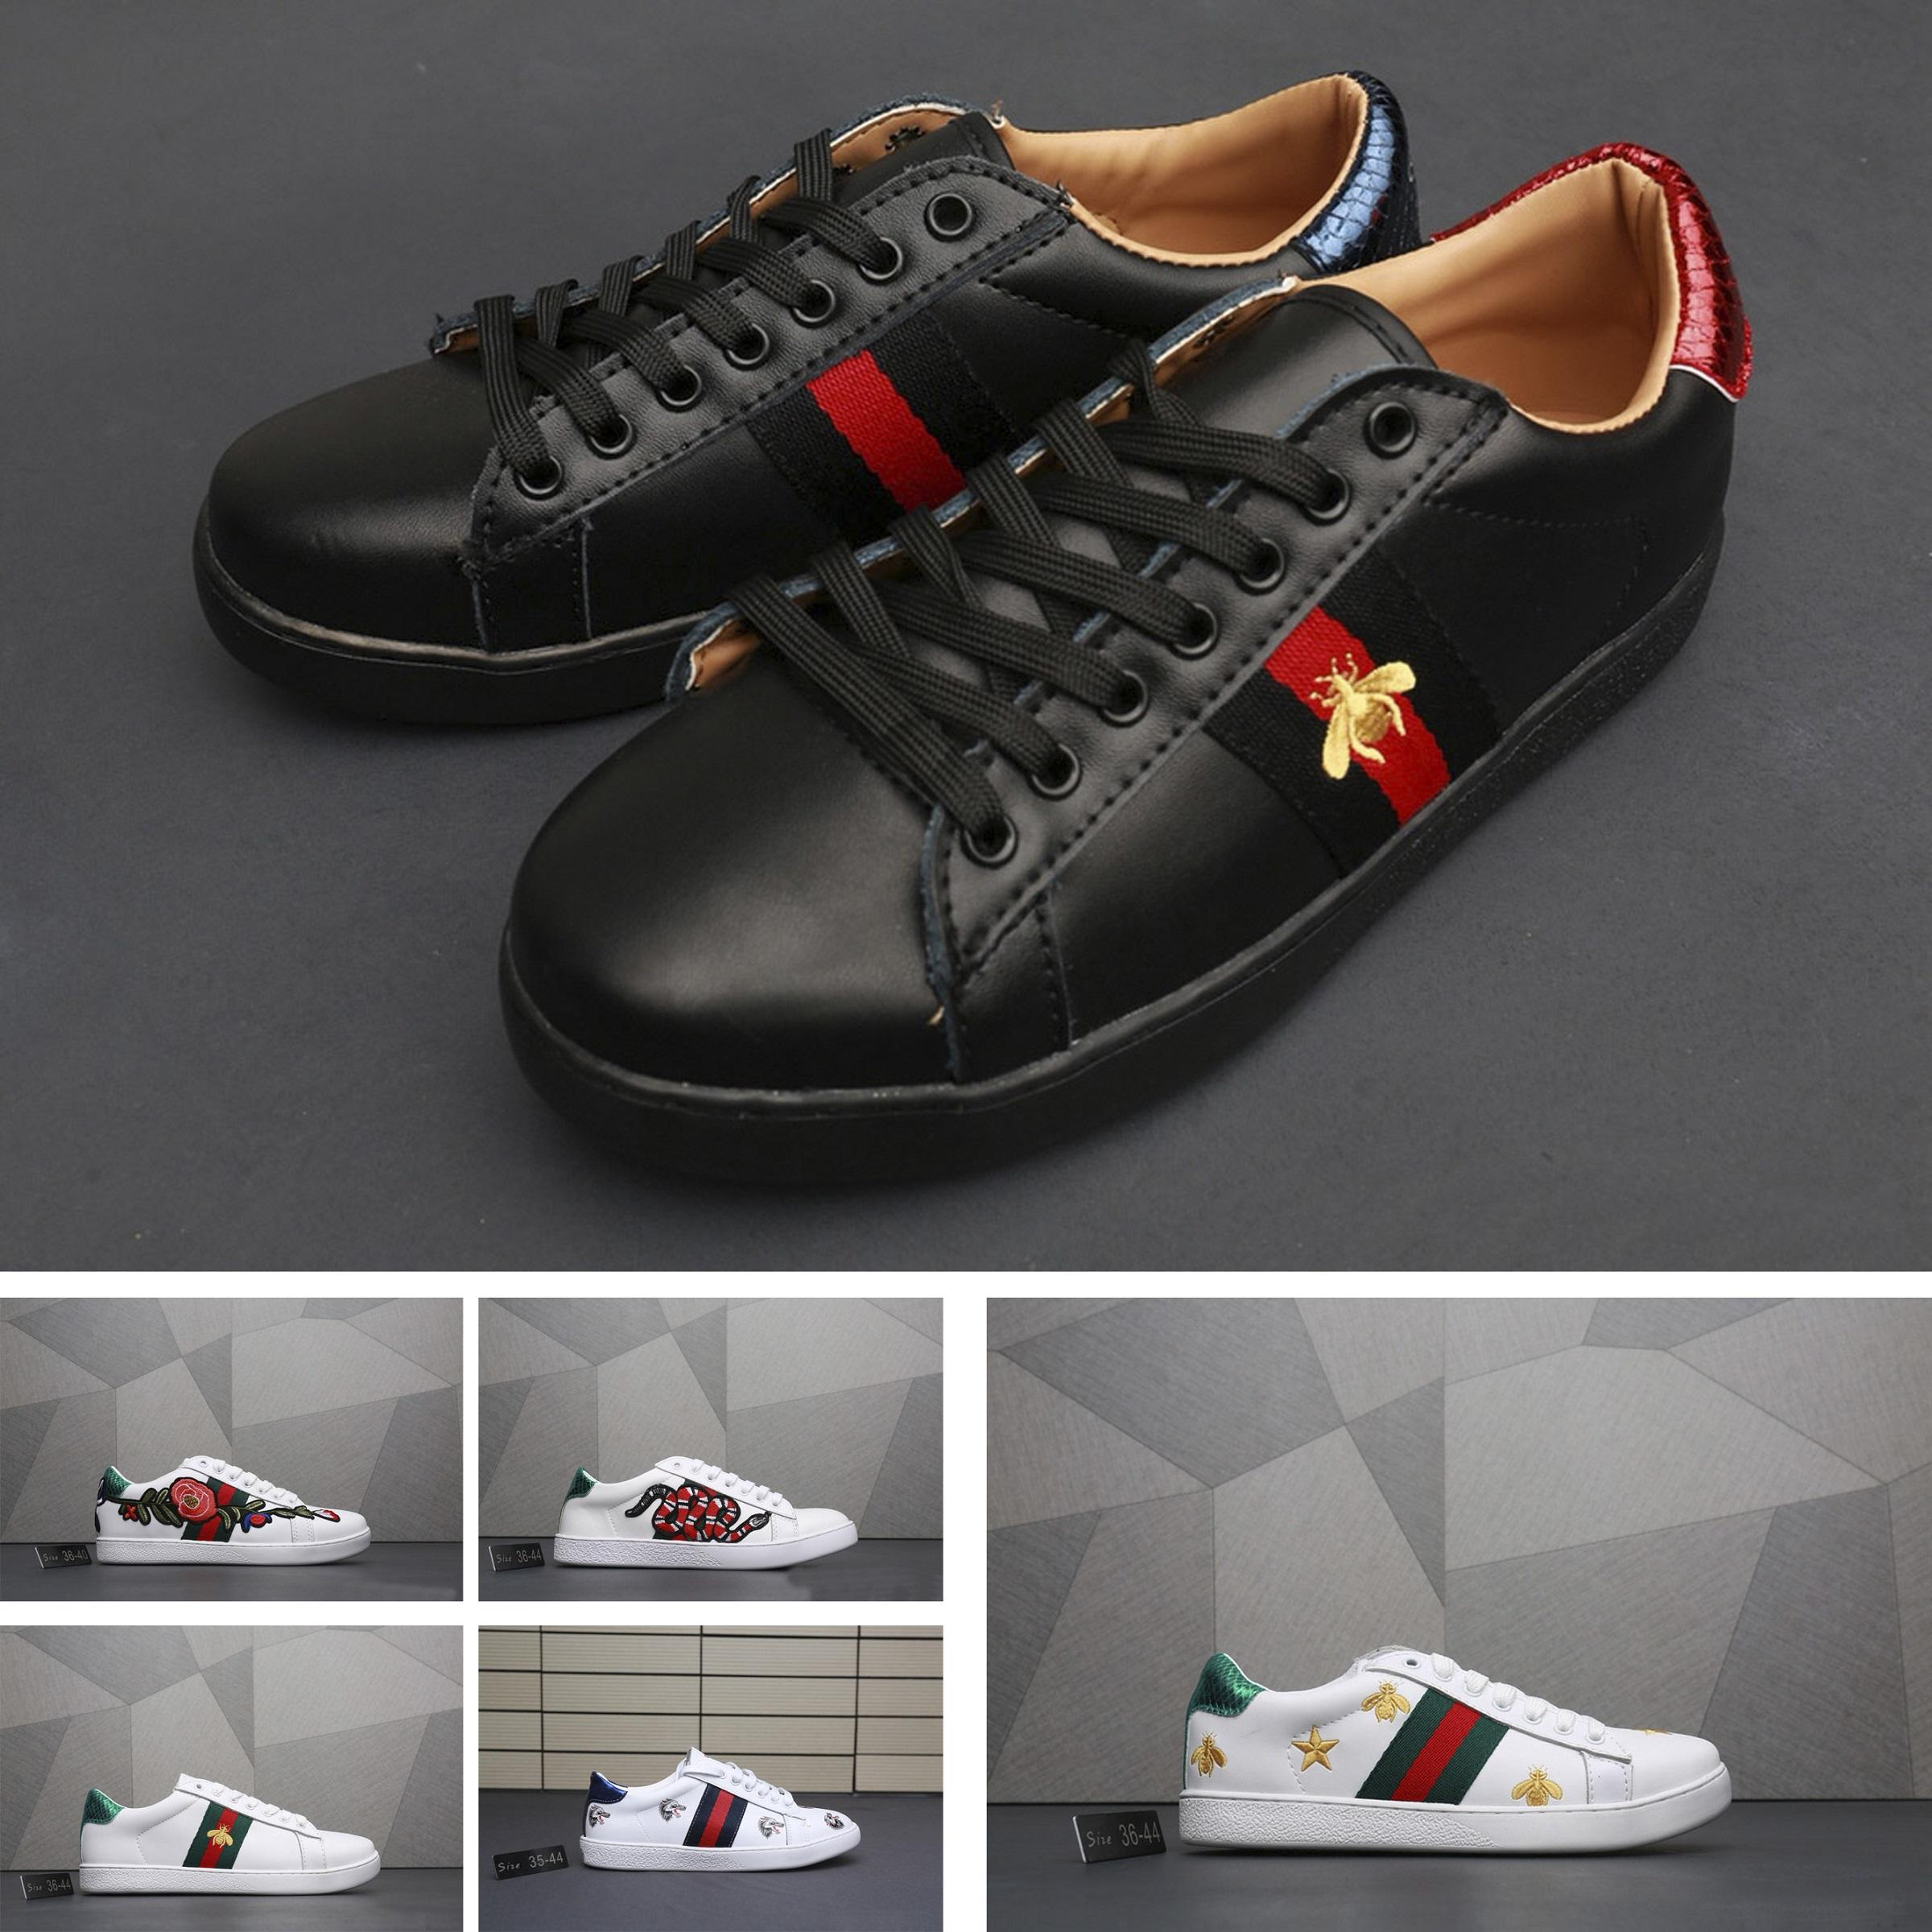 0c080258a Compre Gucci Men Shoes Gucci Shoes Women Superventas Zapatos Para Hombre  Blanco Abeja Blanca Amor Perla Remache De Lujo Zapatos Para Correr Hombres  Y ...